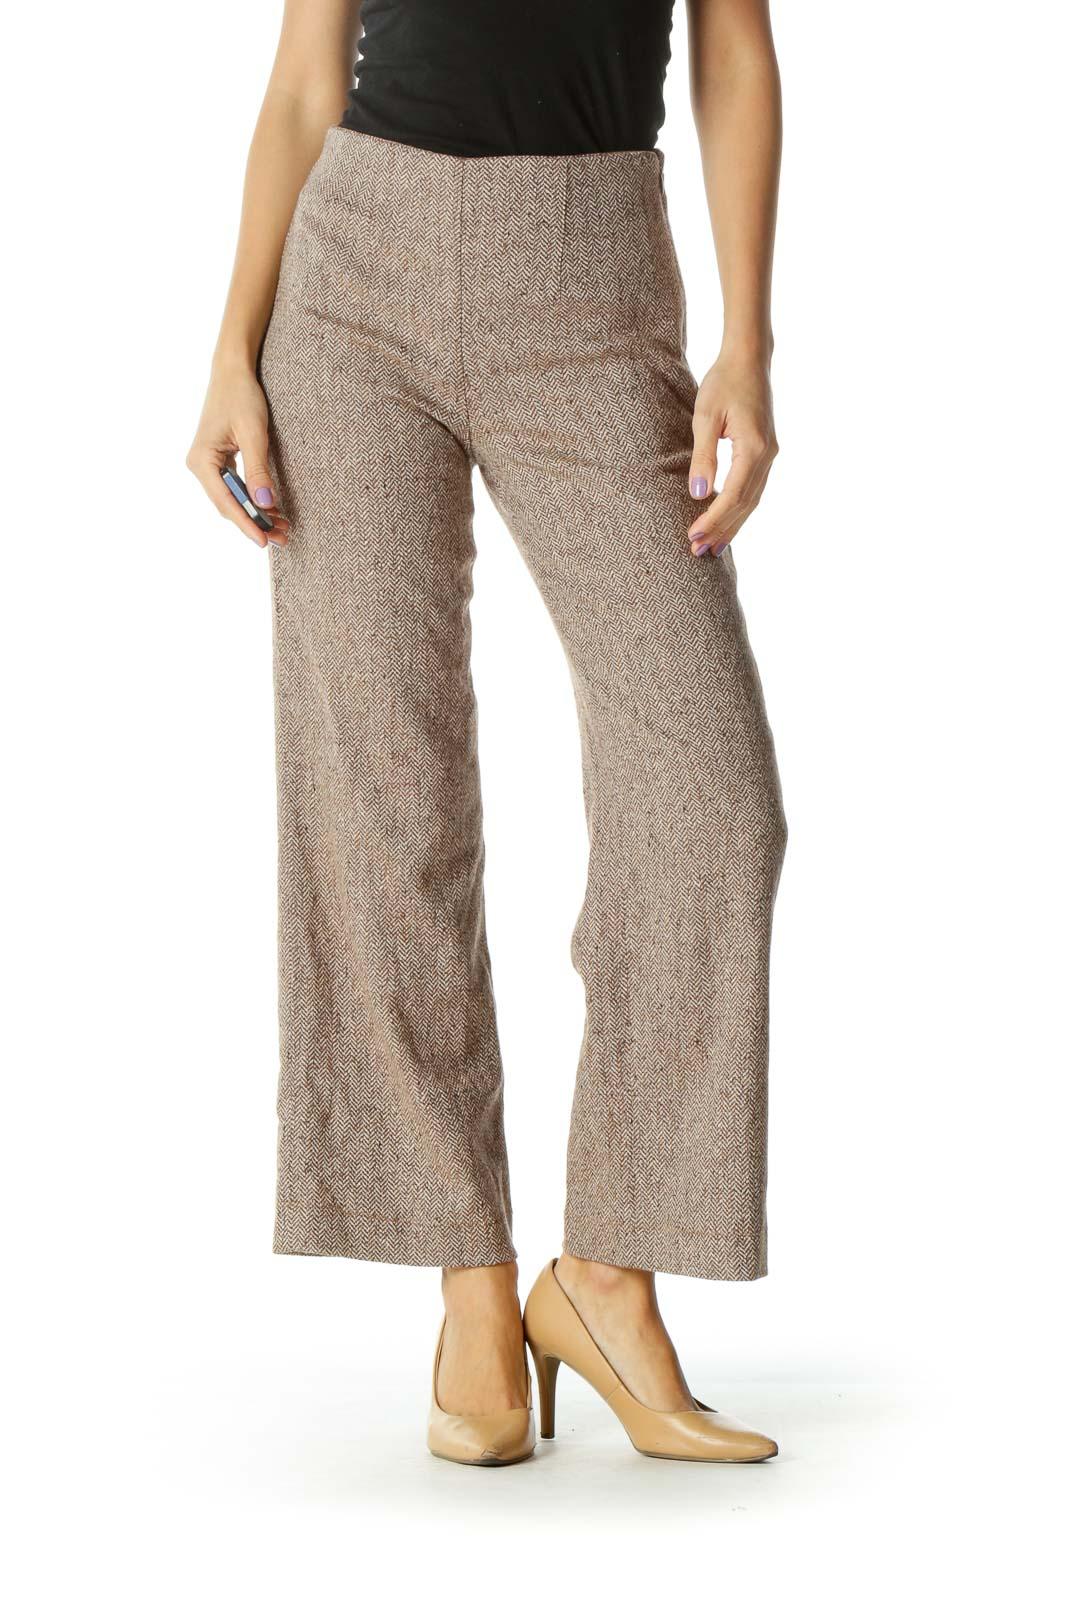 Brown Chevron Knit Straight Leg Pants Front